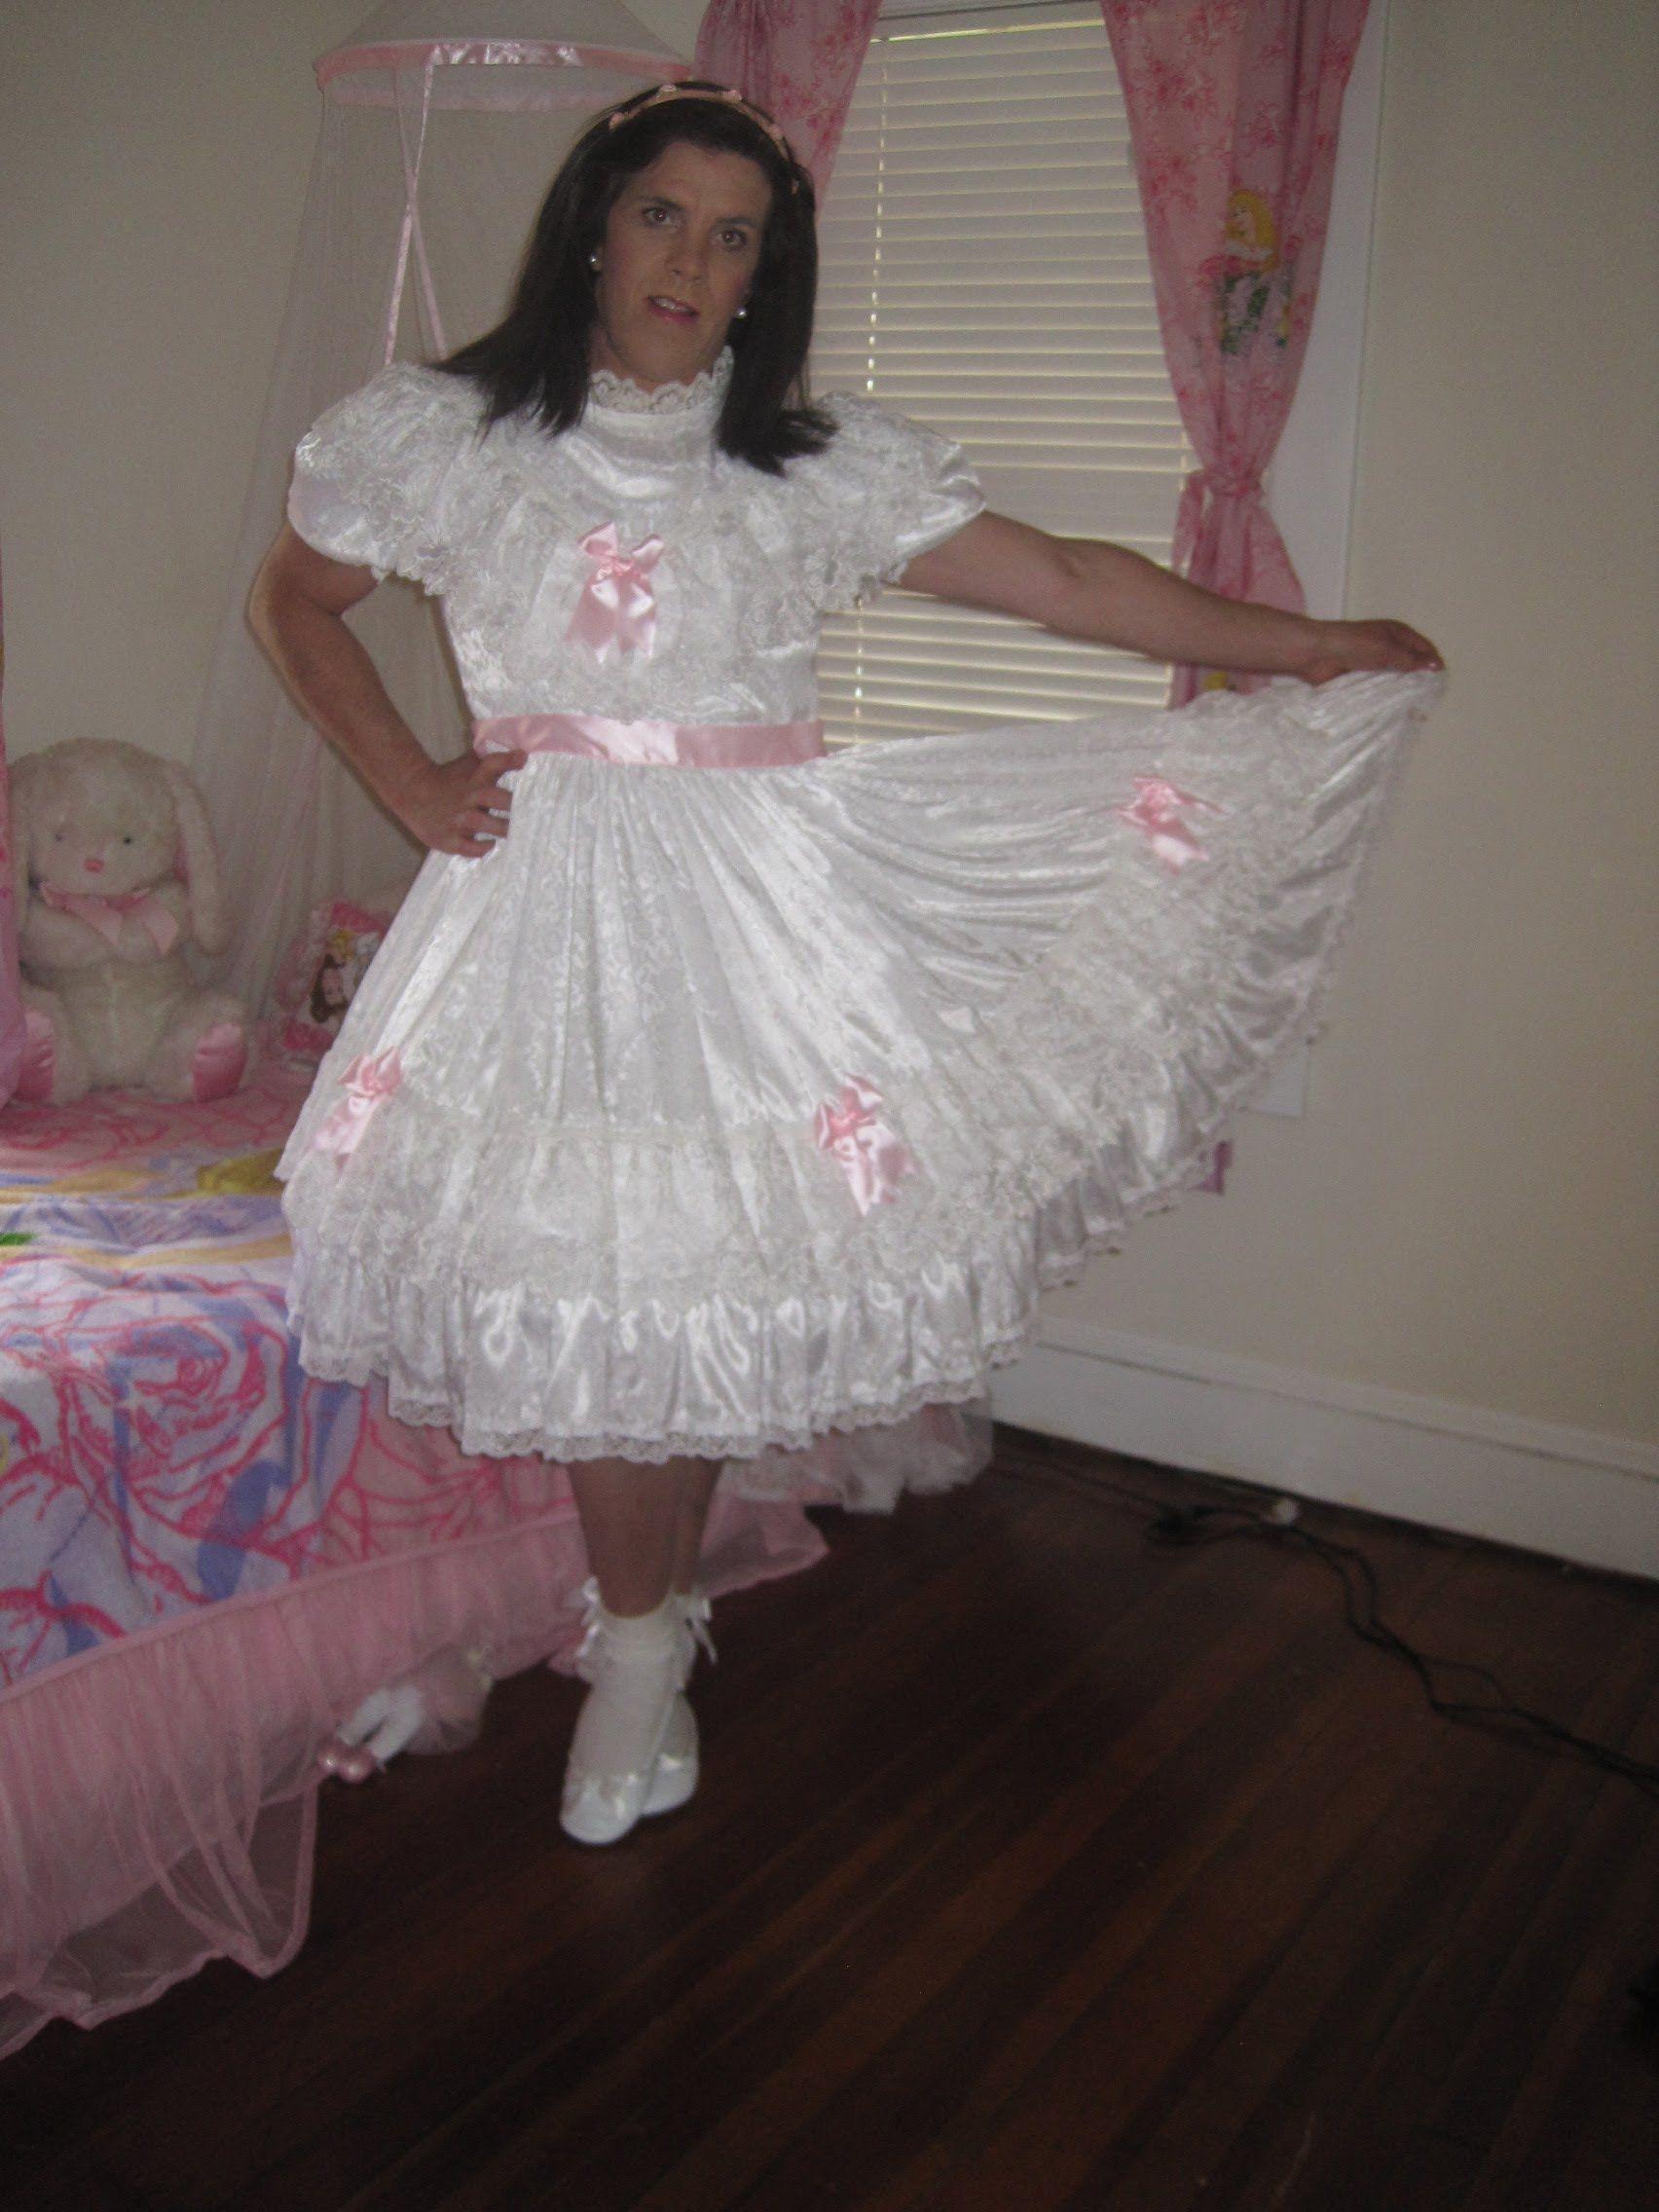 Crossdresser Princess Little Girl Sissy' Dresses